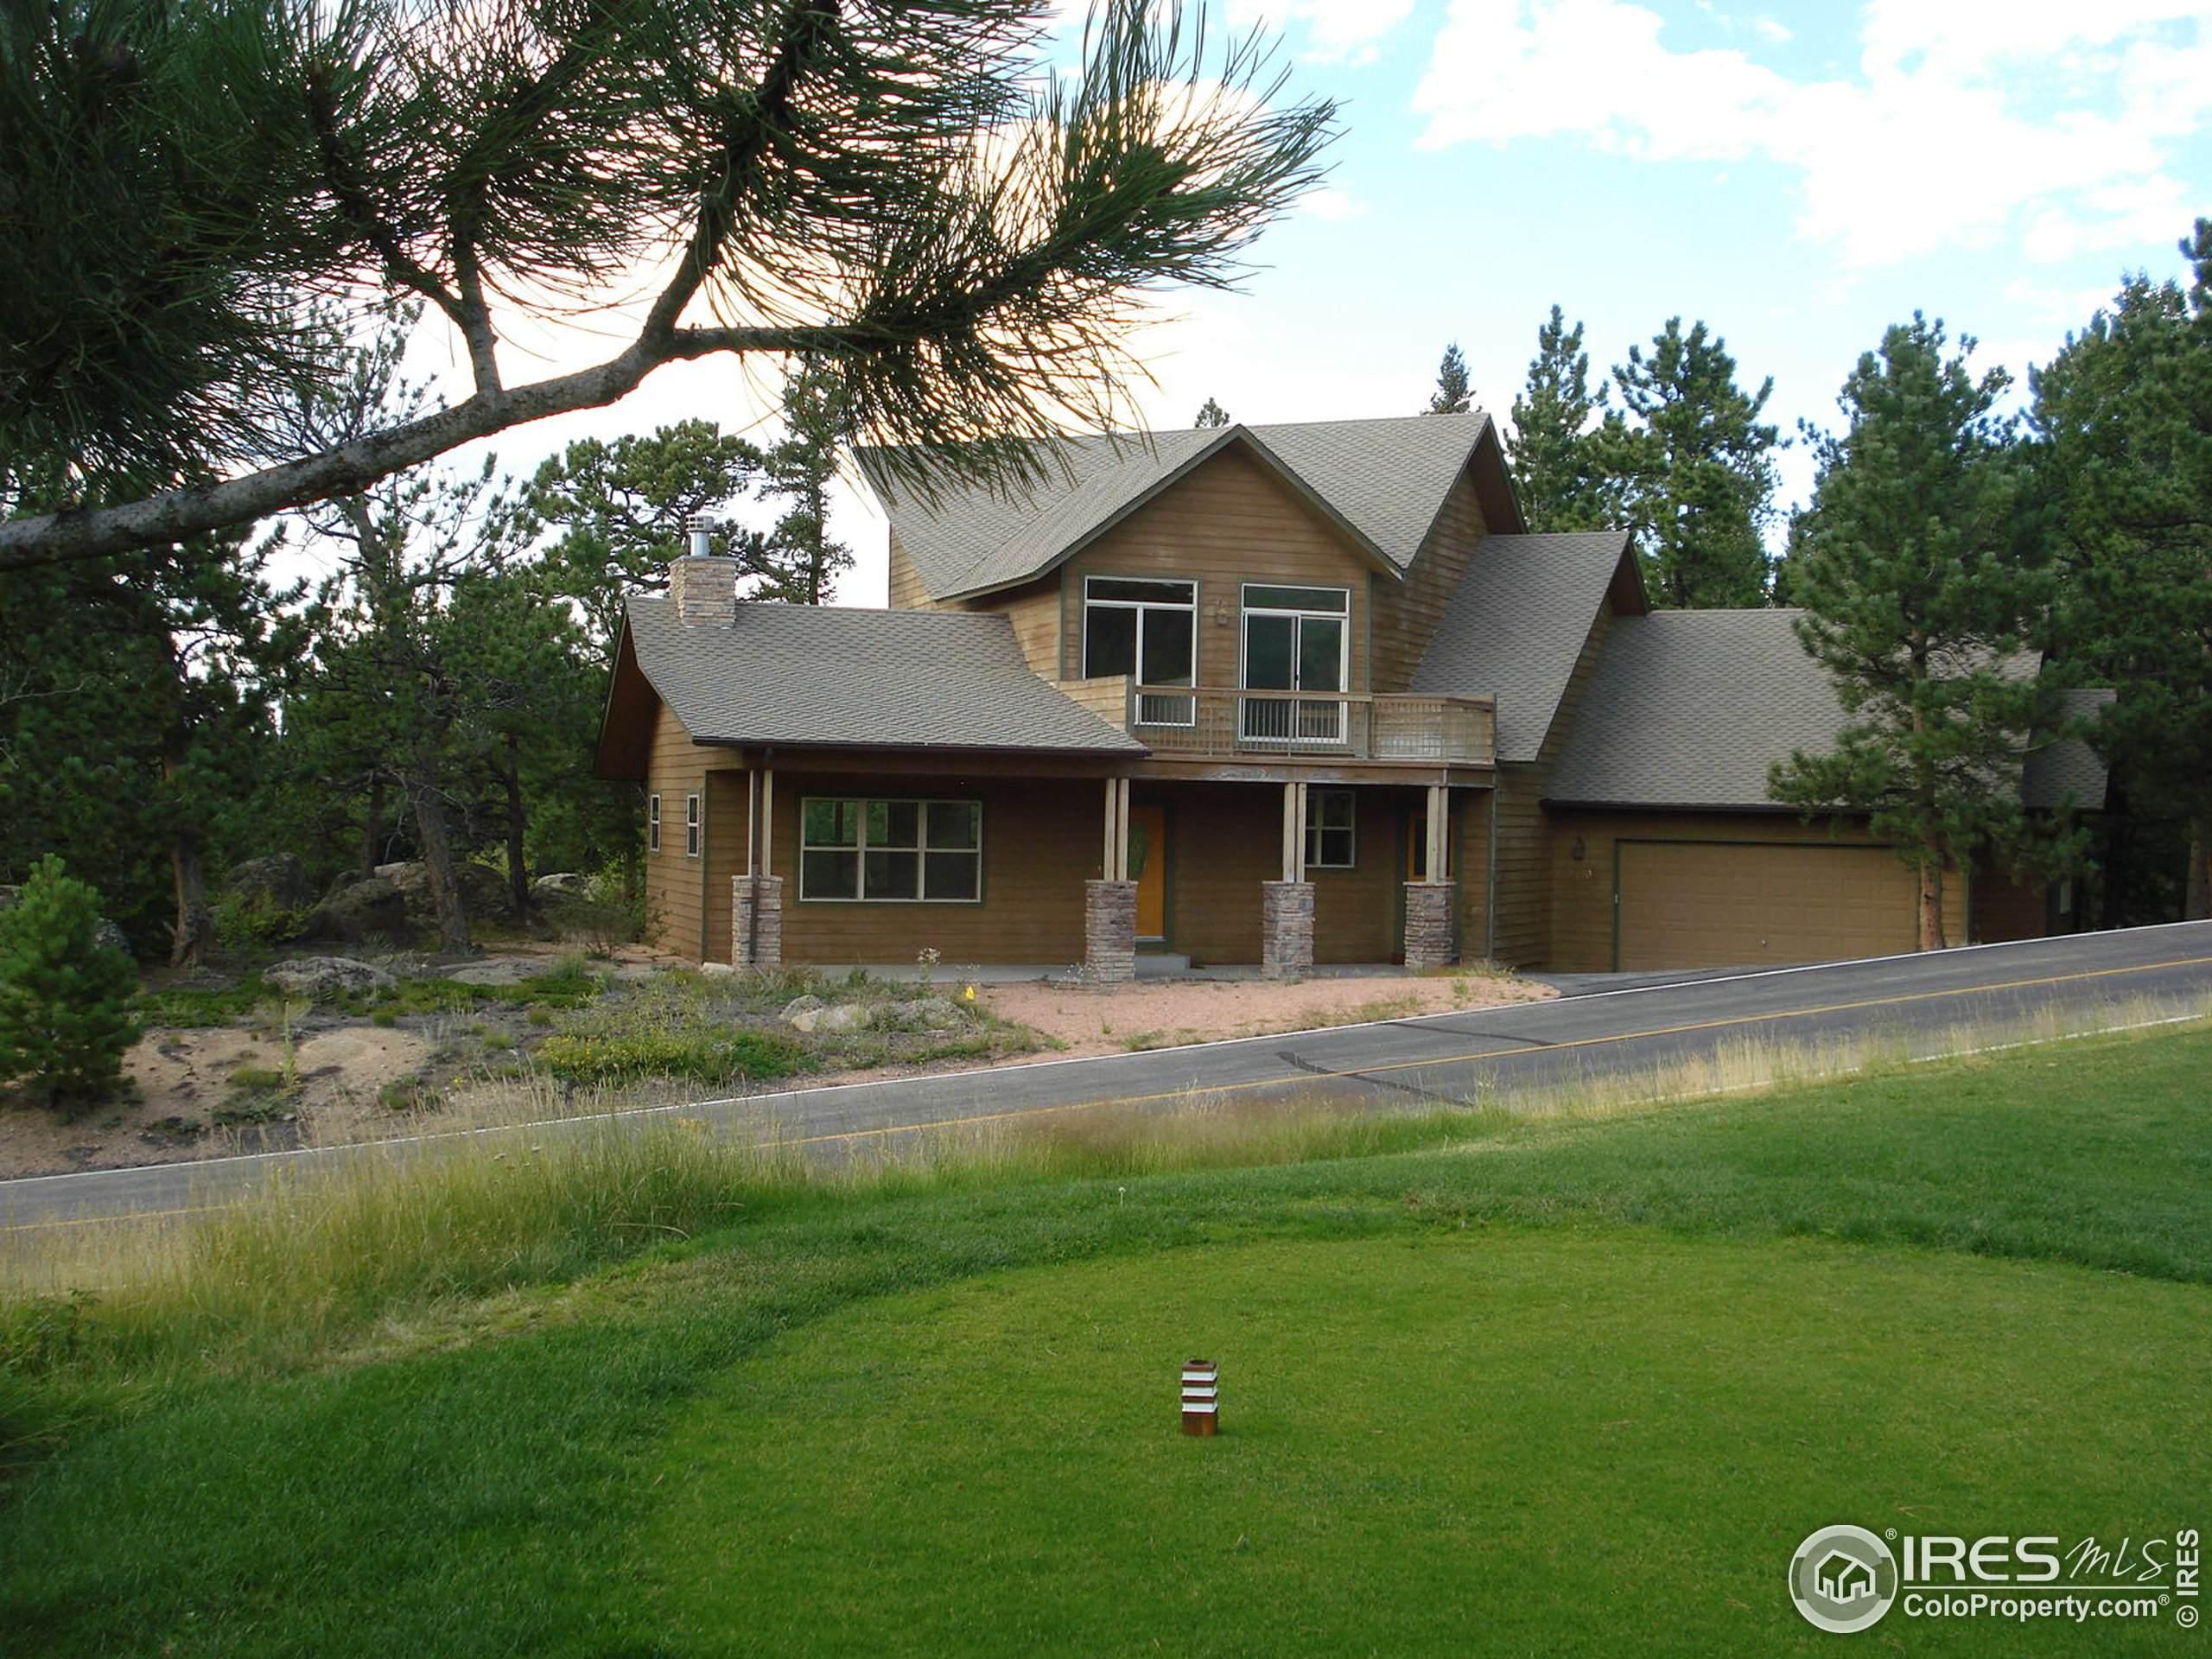 910 Harrison Ave, Loveland, CO 80537 (MLS #925164) :: 8z Real Estate